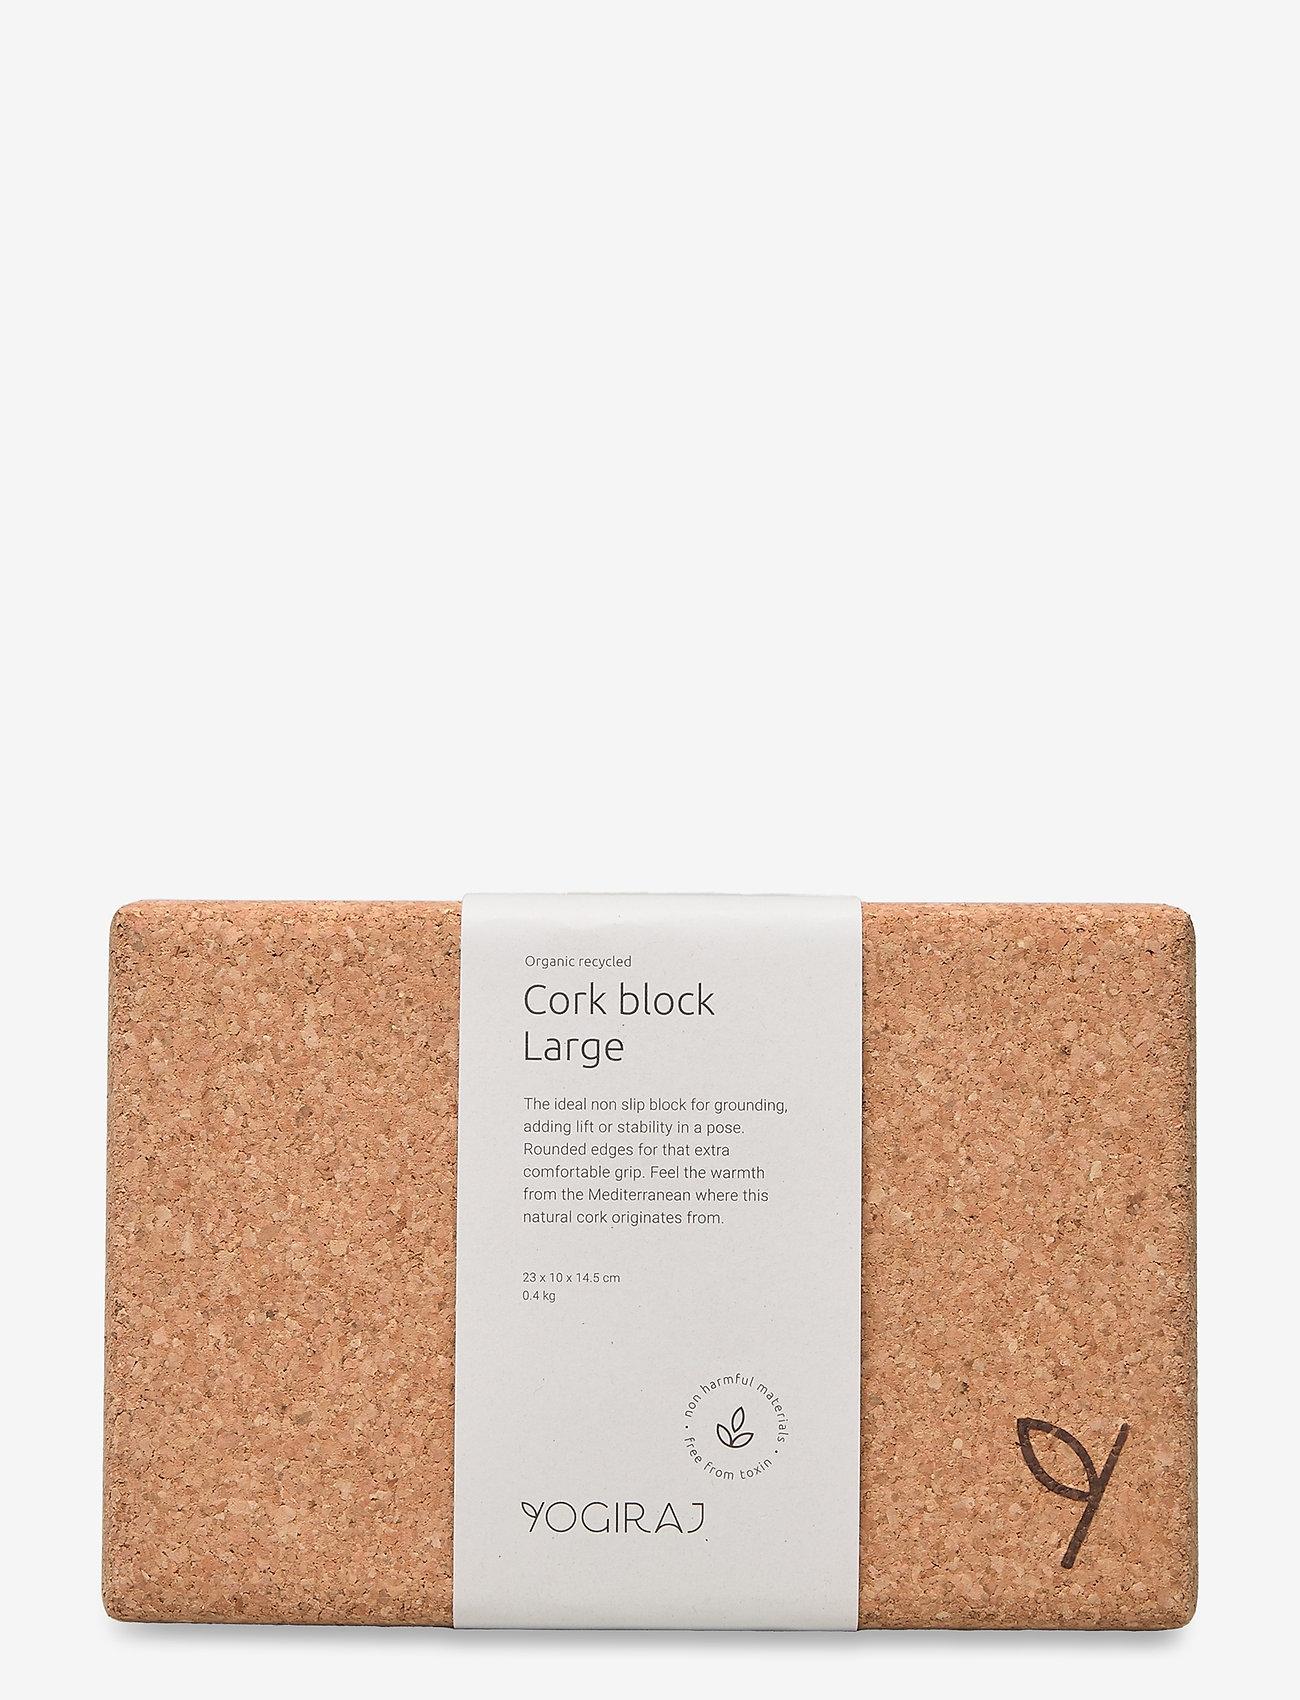 Yogiraj - Cork block, large - YOGIRAJ - yogamatten & ausrüstung - natural - 0